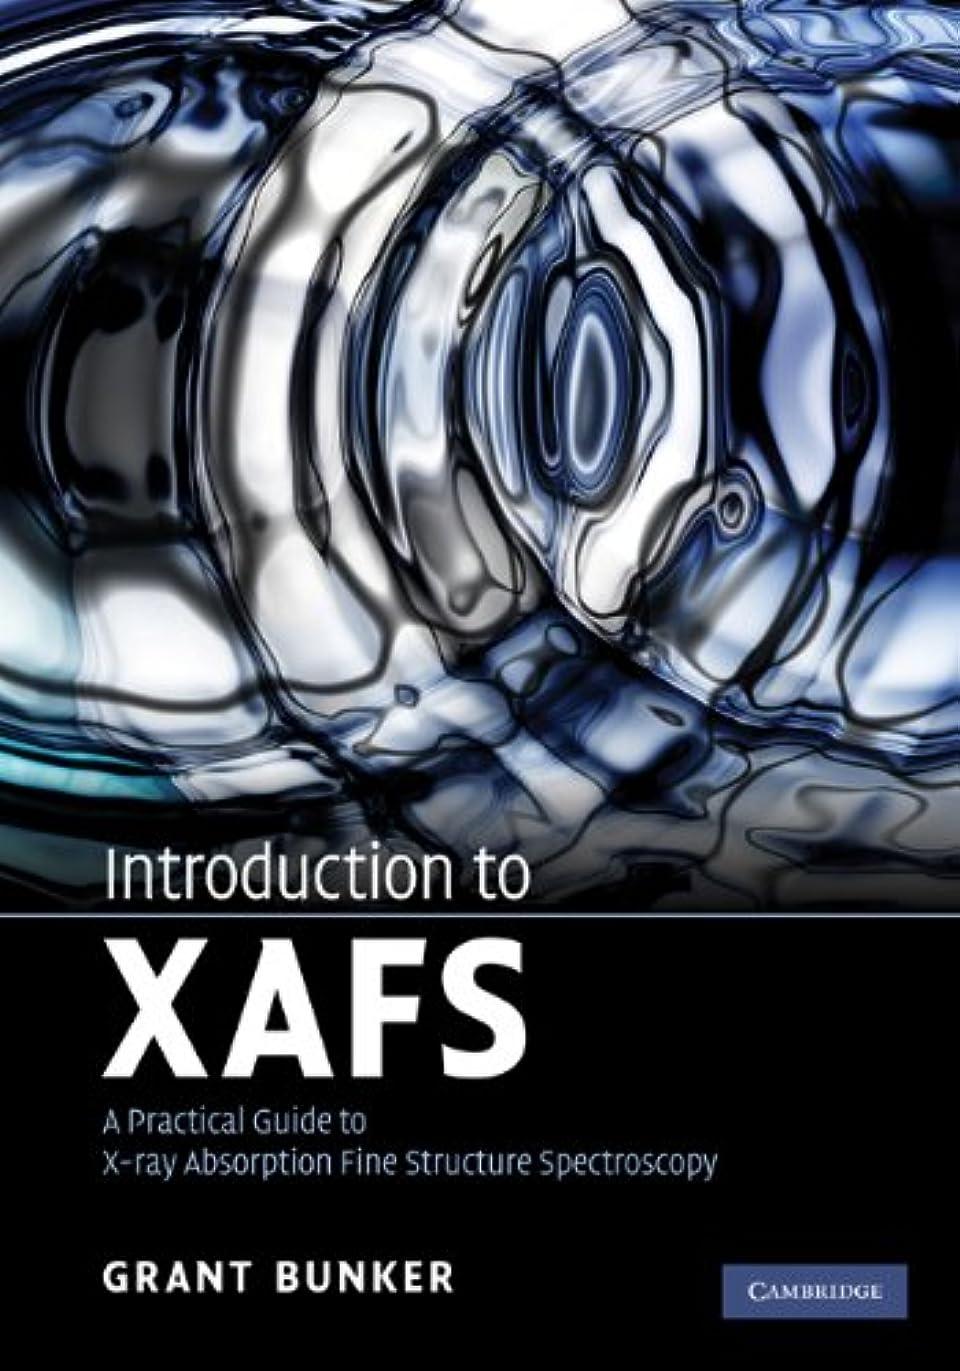 適合するオリエンタル悪行Introduction to XAFS: A Practical Guide to X-ray Absorption Fine Structure Spectroscopy (English Edition)